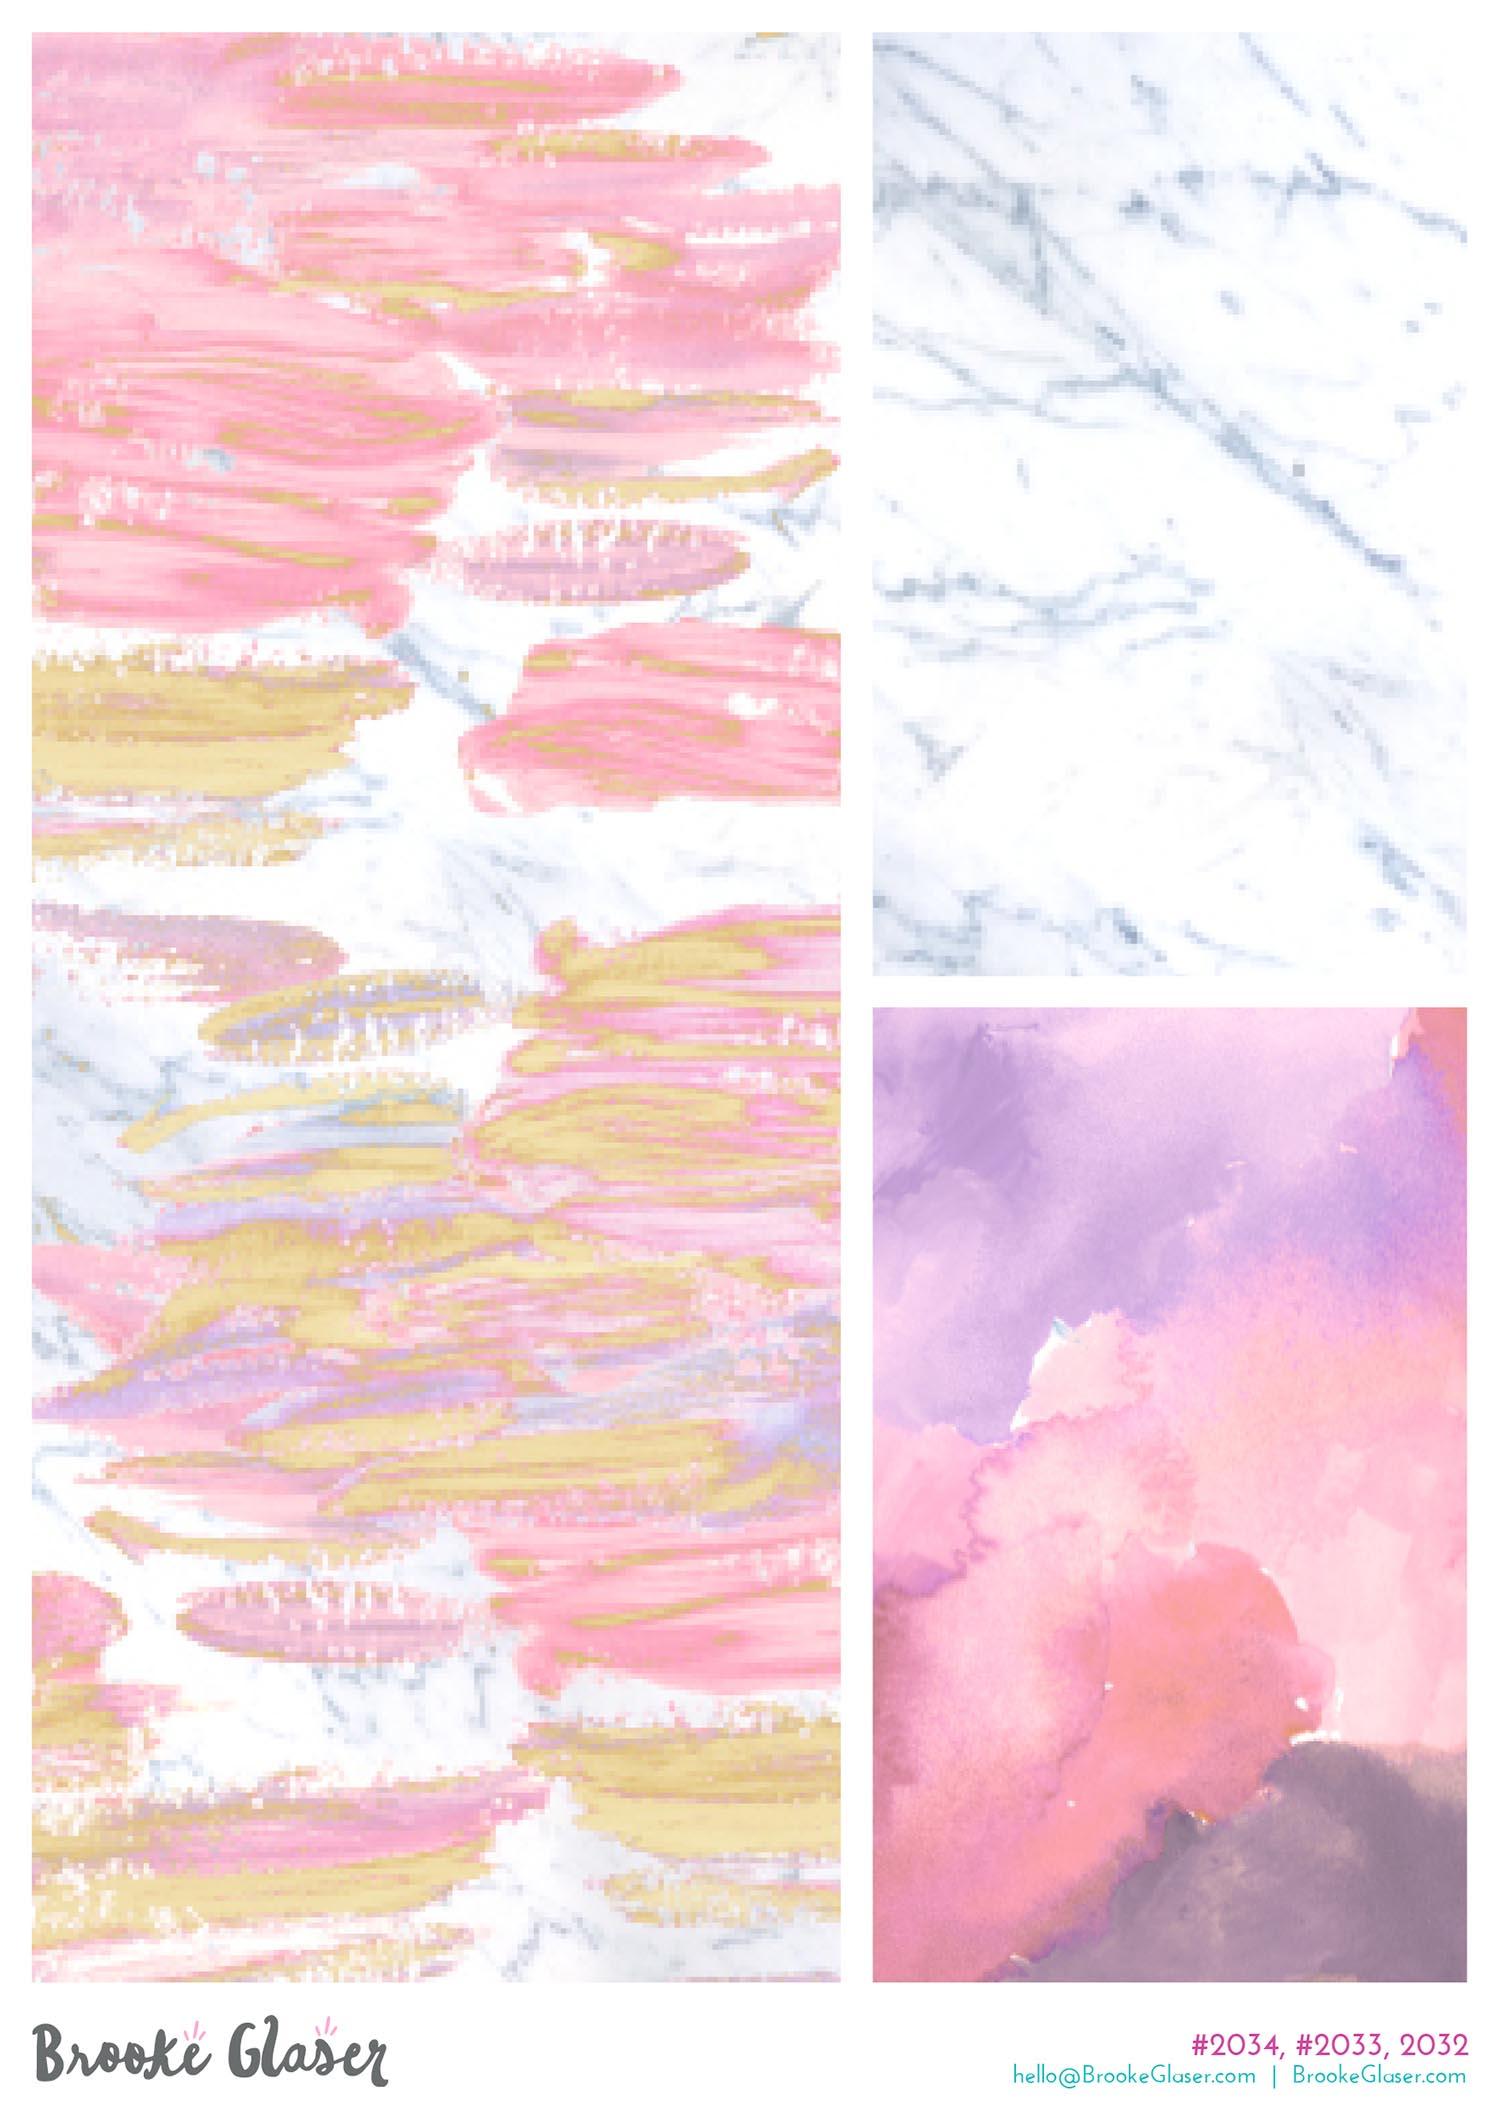 Brooke-Glaser-Prints58.jpg